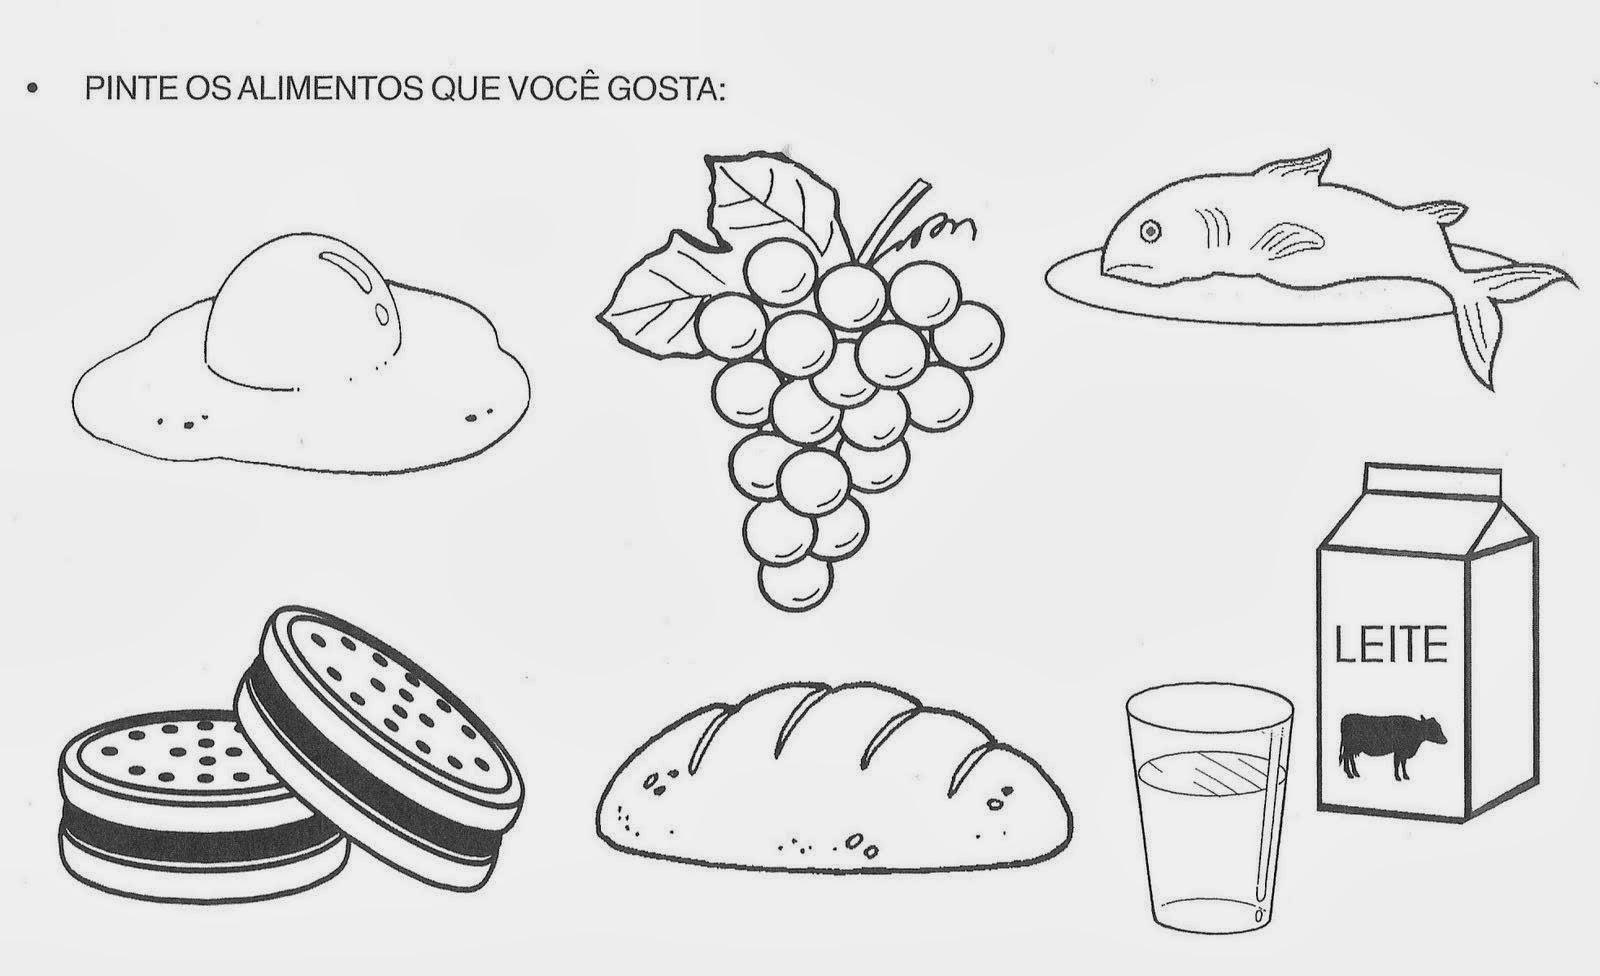 Atividades sobre Alimentação - Pinte os alimentos